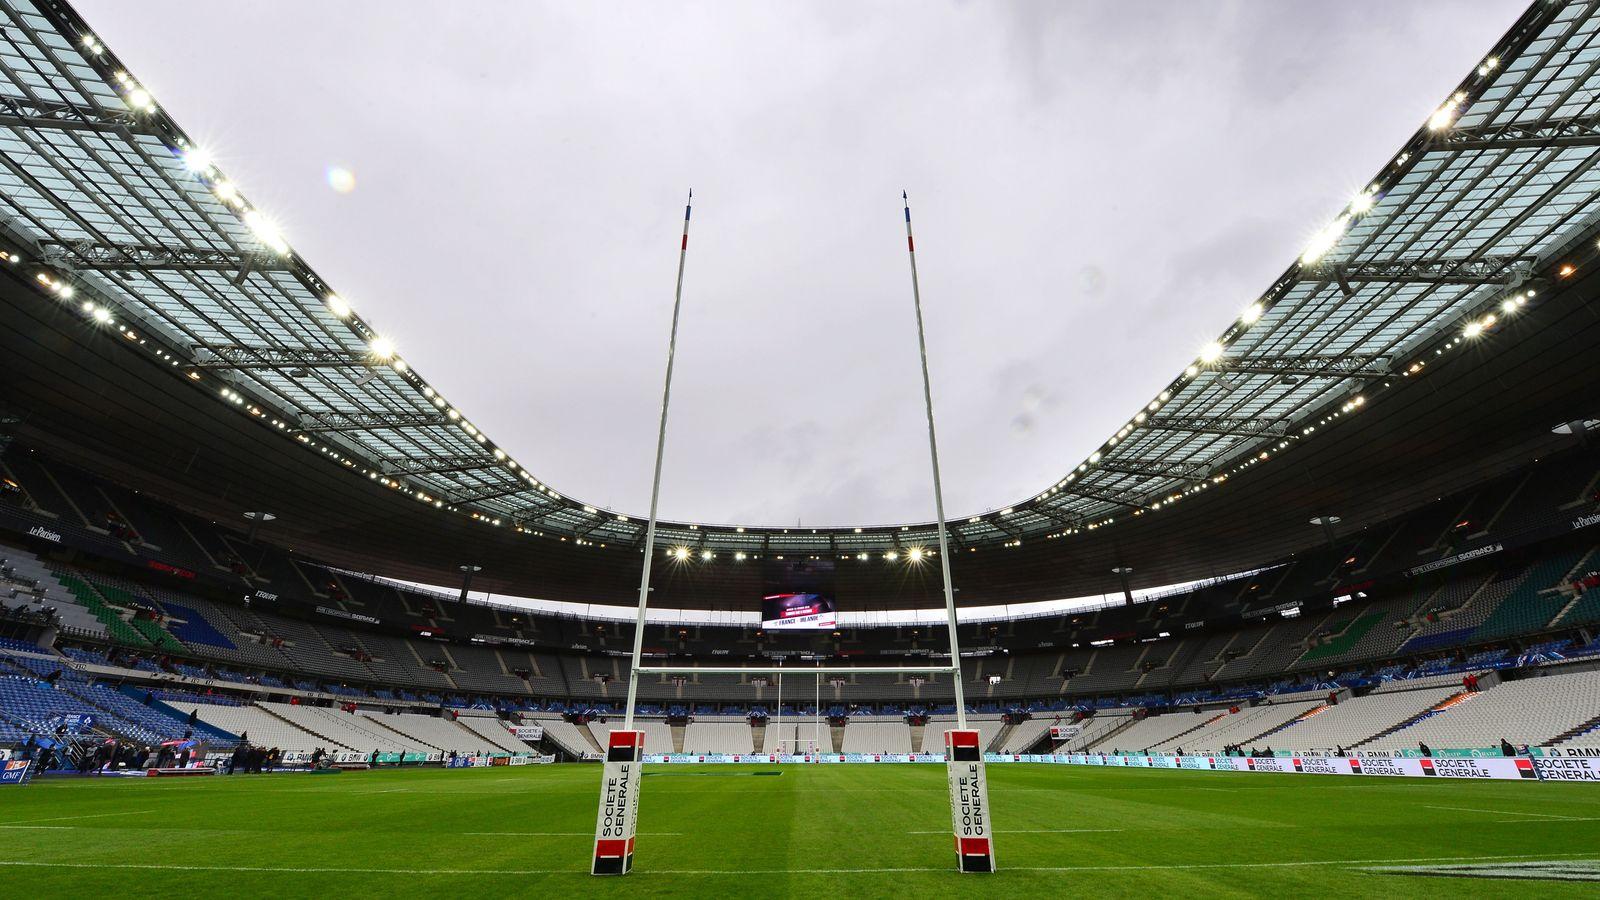 Coronavirus: Francia vs Irlanda Seis naciones se aplazan debido a coronavirus | Noticias de la Unión de Rugby 48